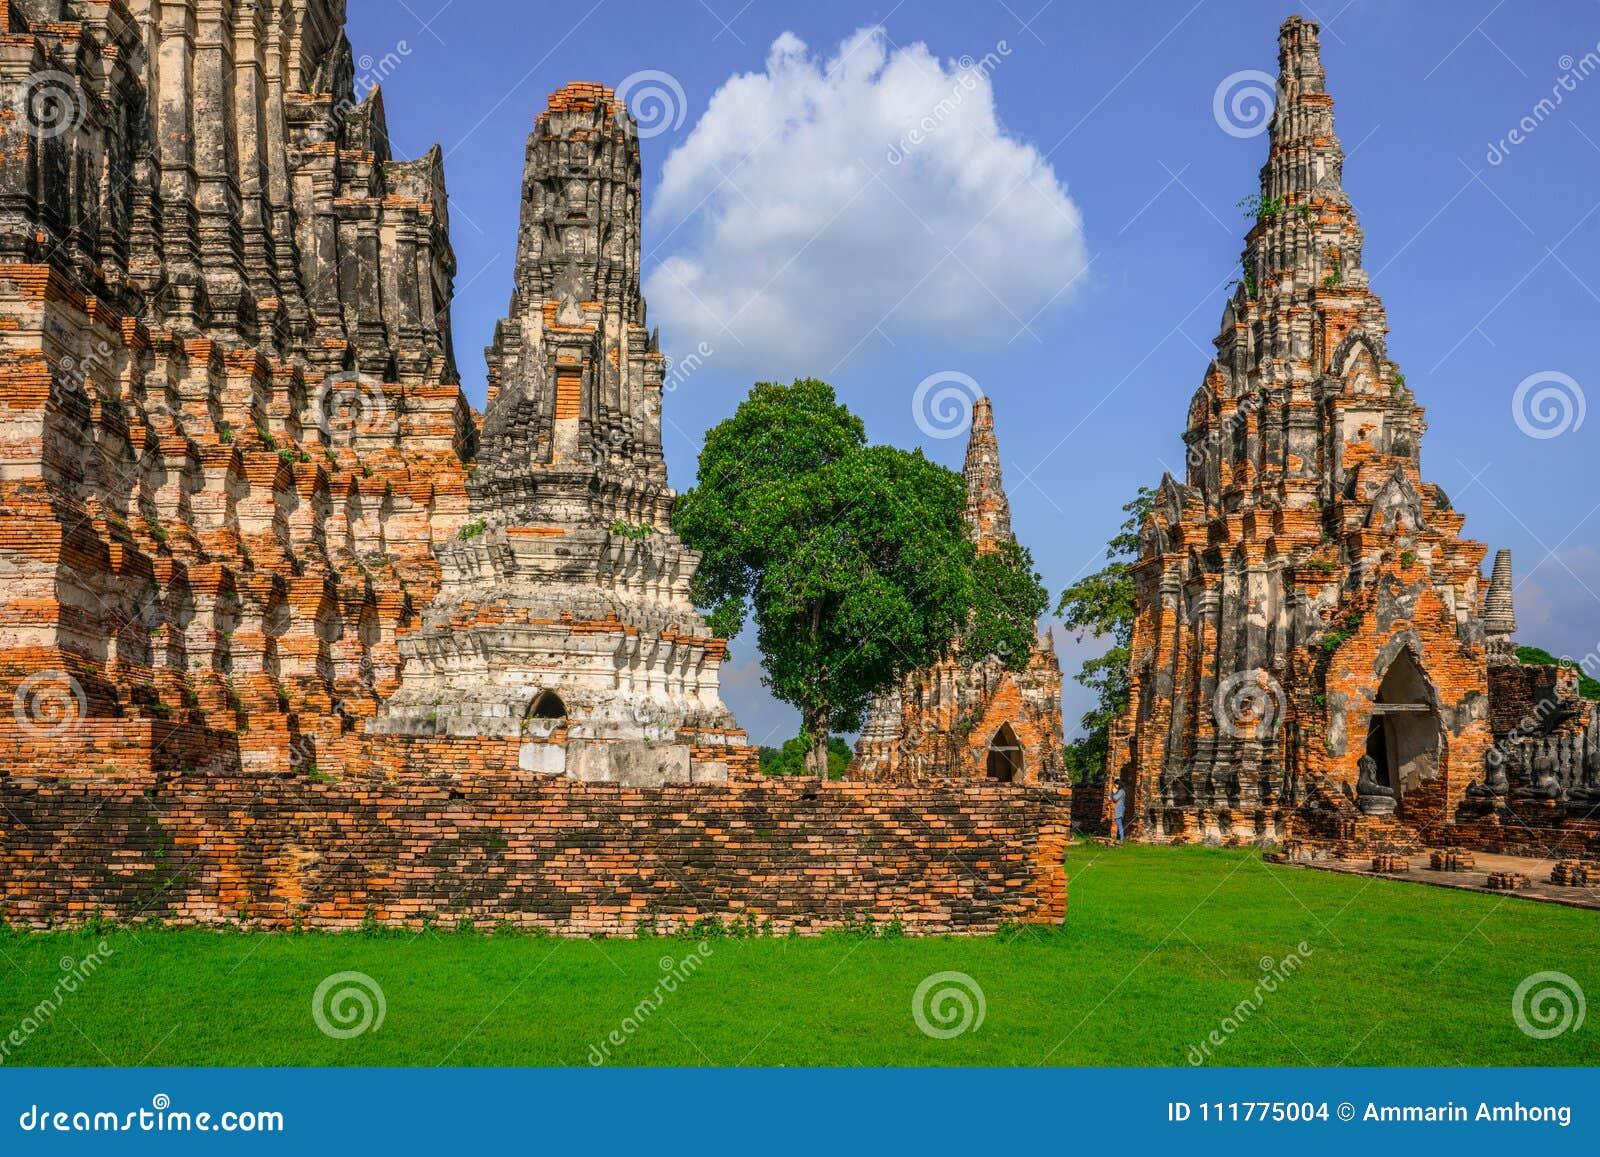 Anbetung von Thailand, Buddha-Statue, Geschichte von Thailand